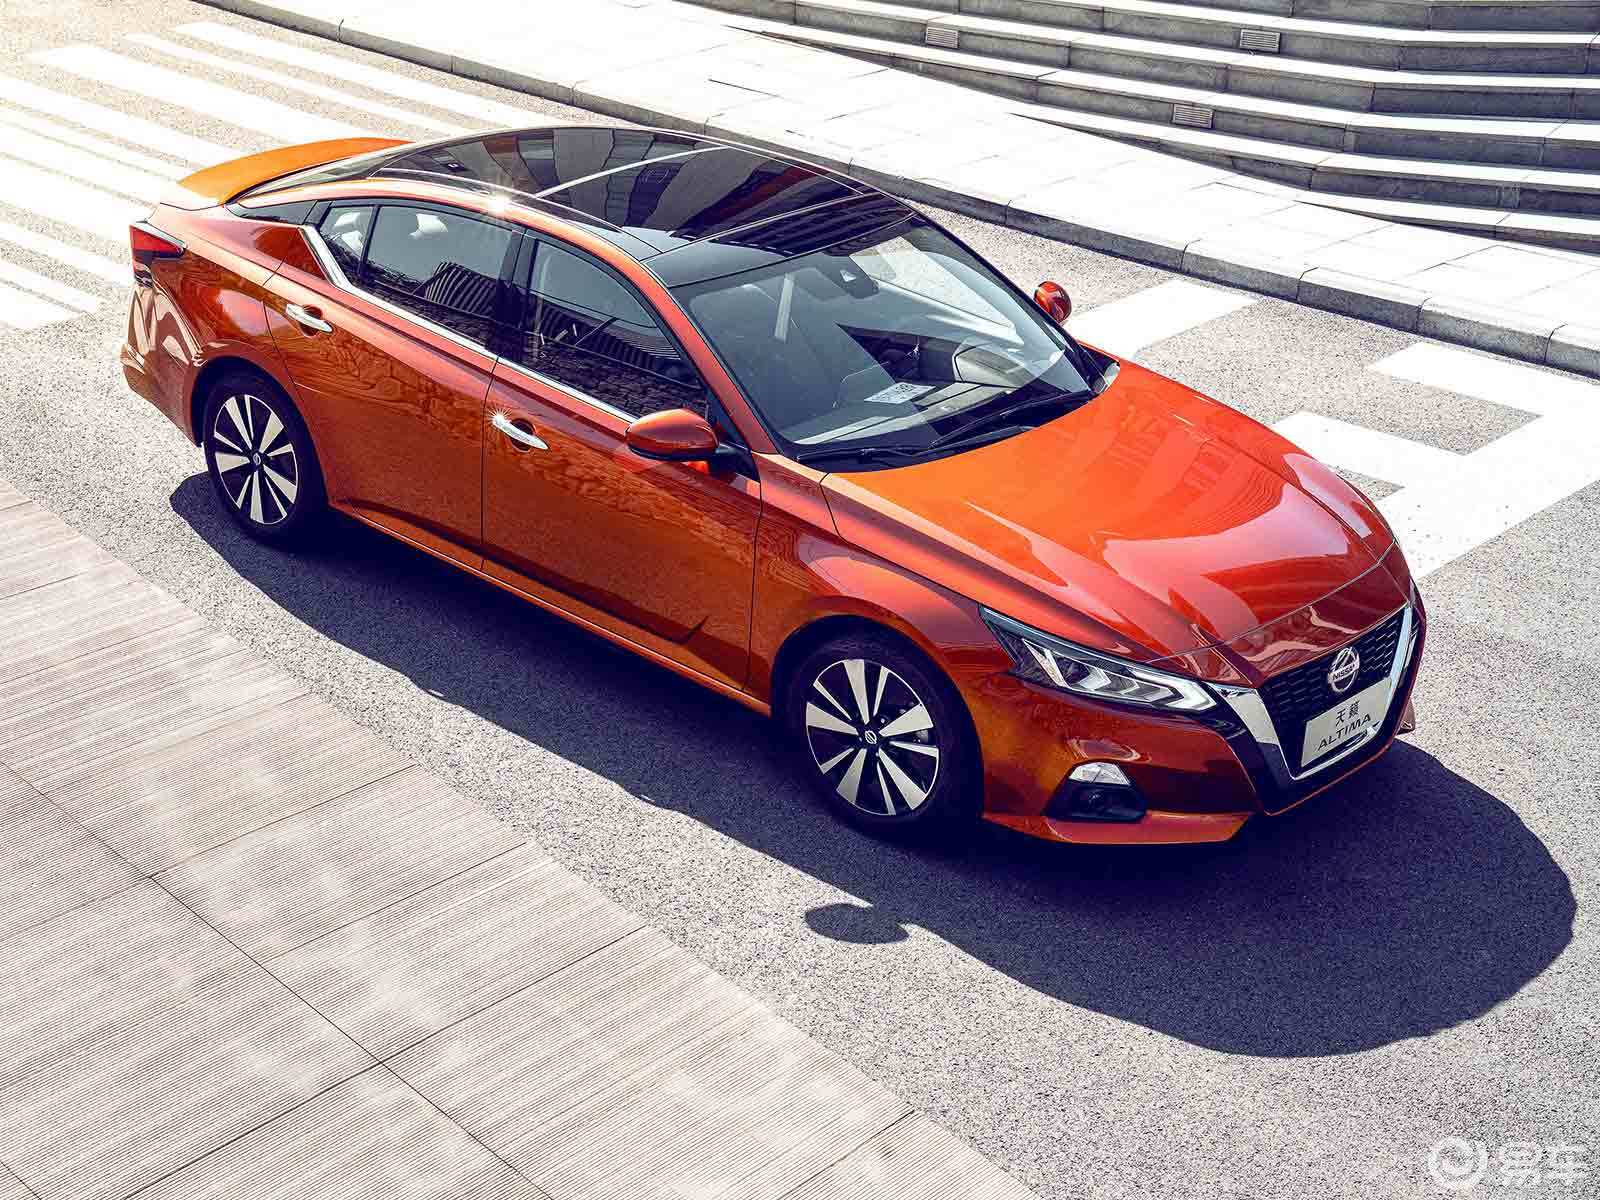 9月480款新车销量排行榜,你喜欢的车排第几?